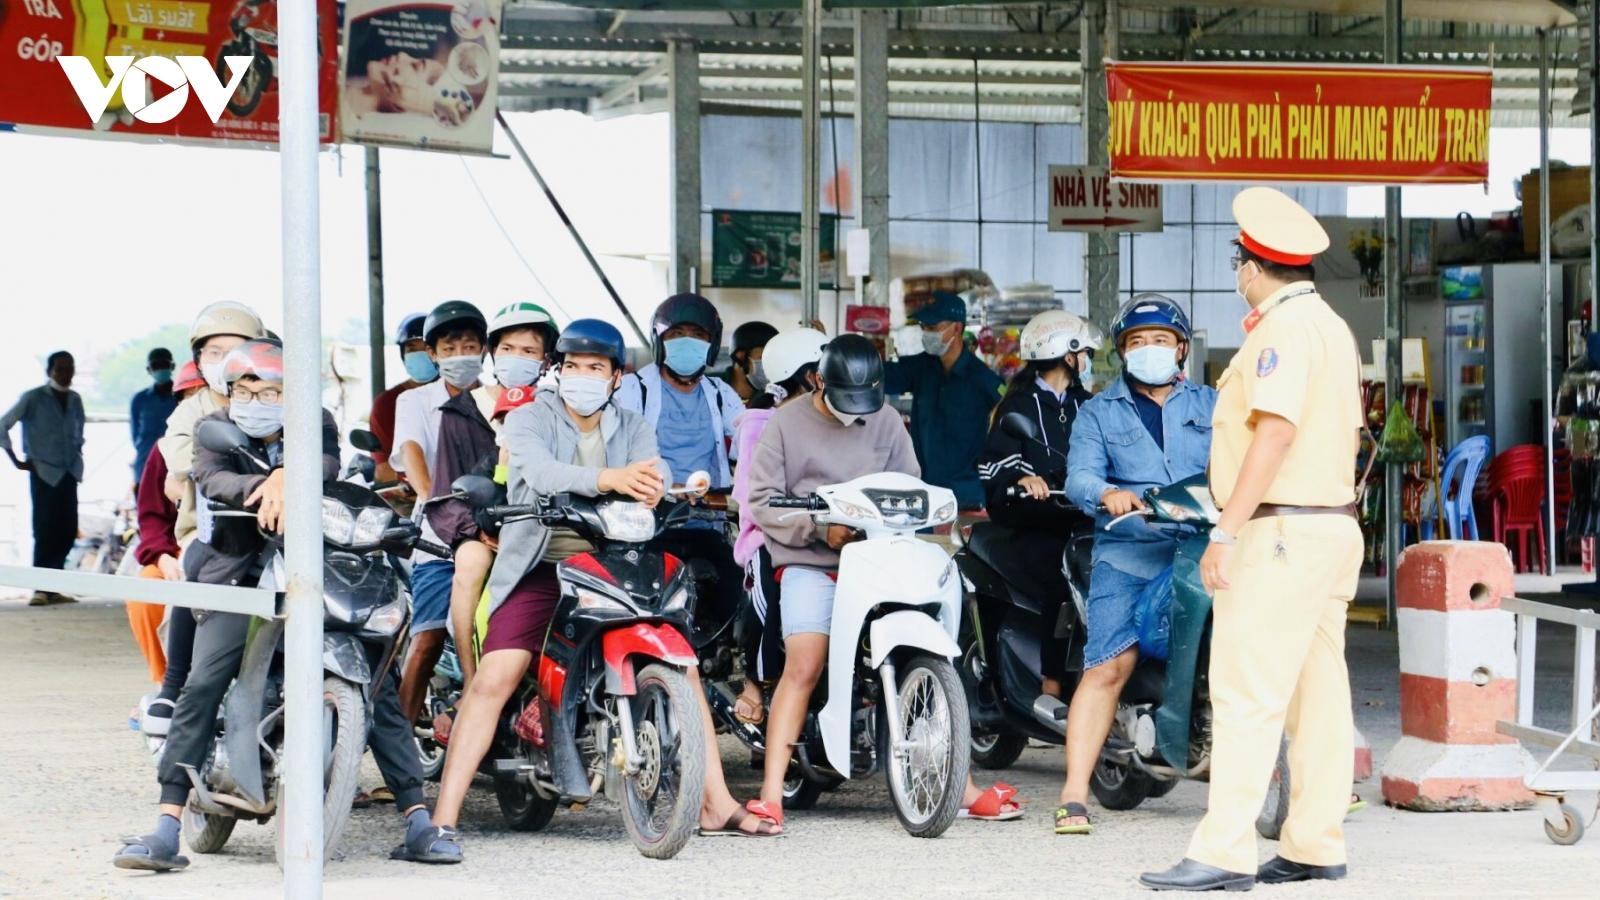 Tạm dừng hoạt động vận tải hành kháchtại các bến sông liên tỉnh Cần Thơ- Đồng Tháp